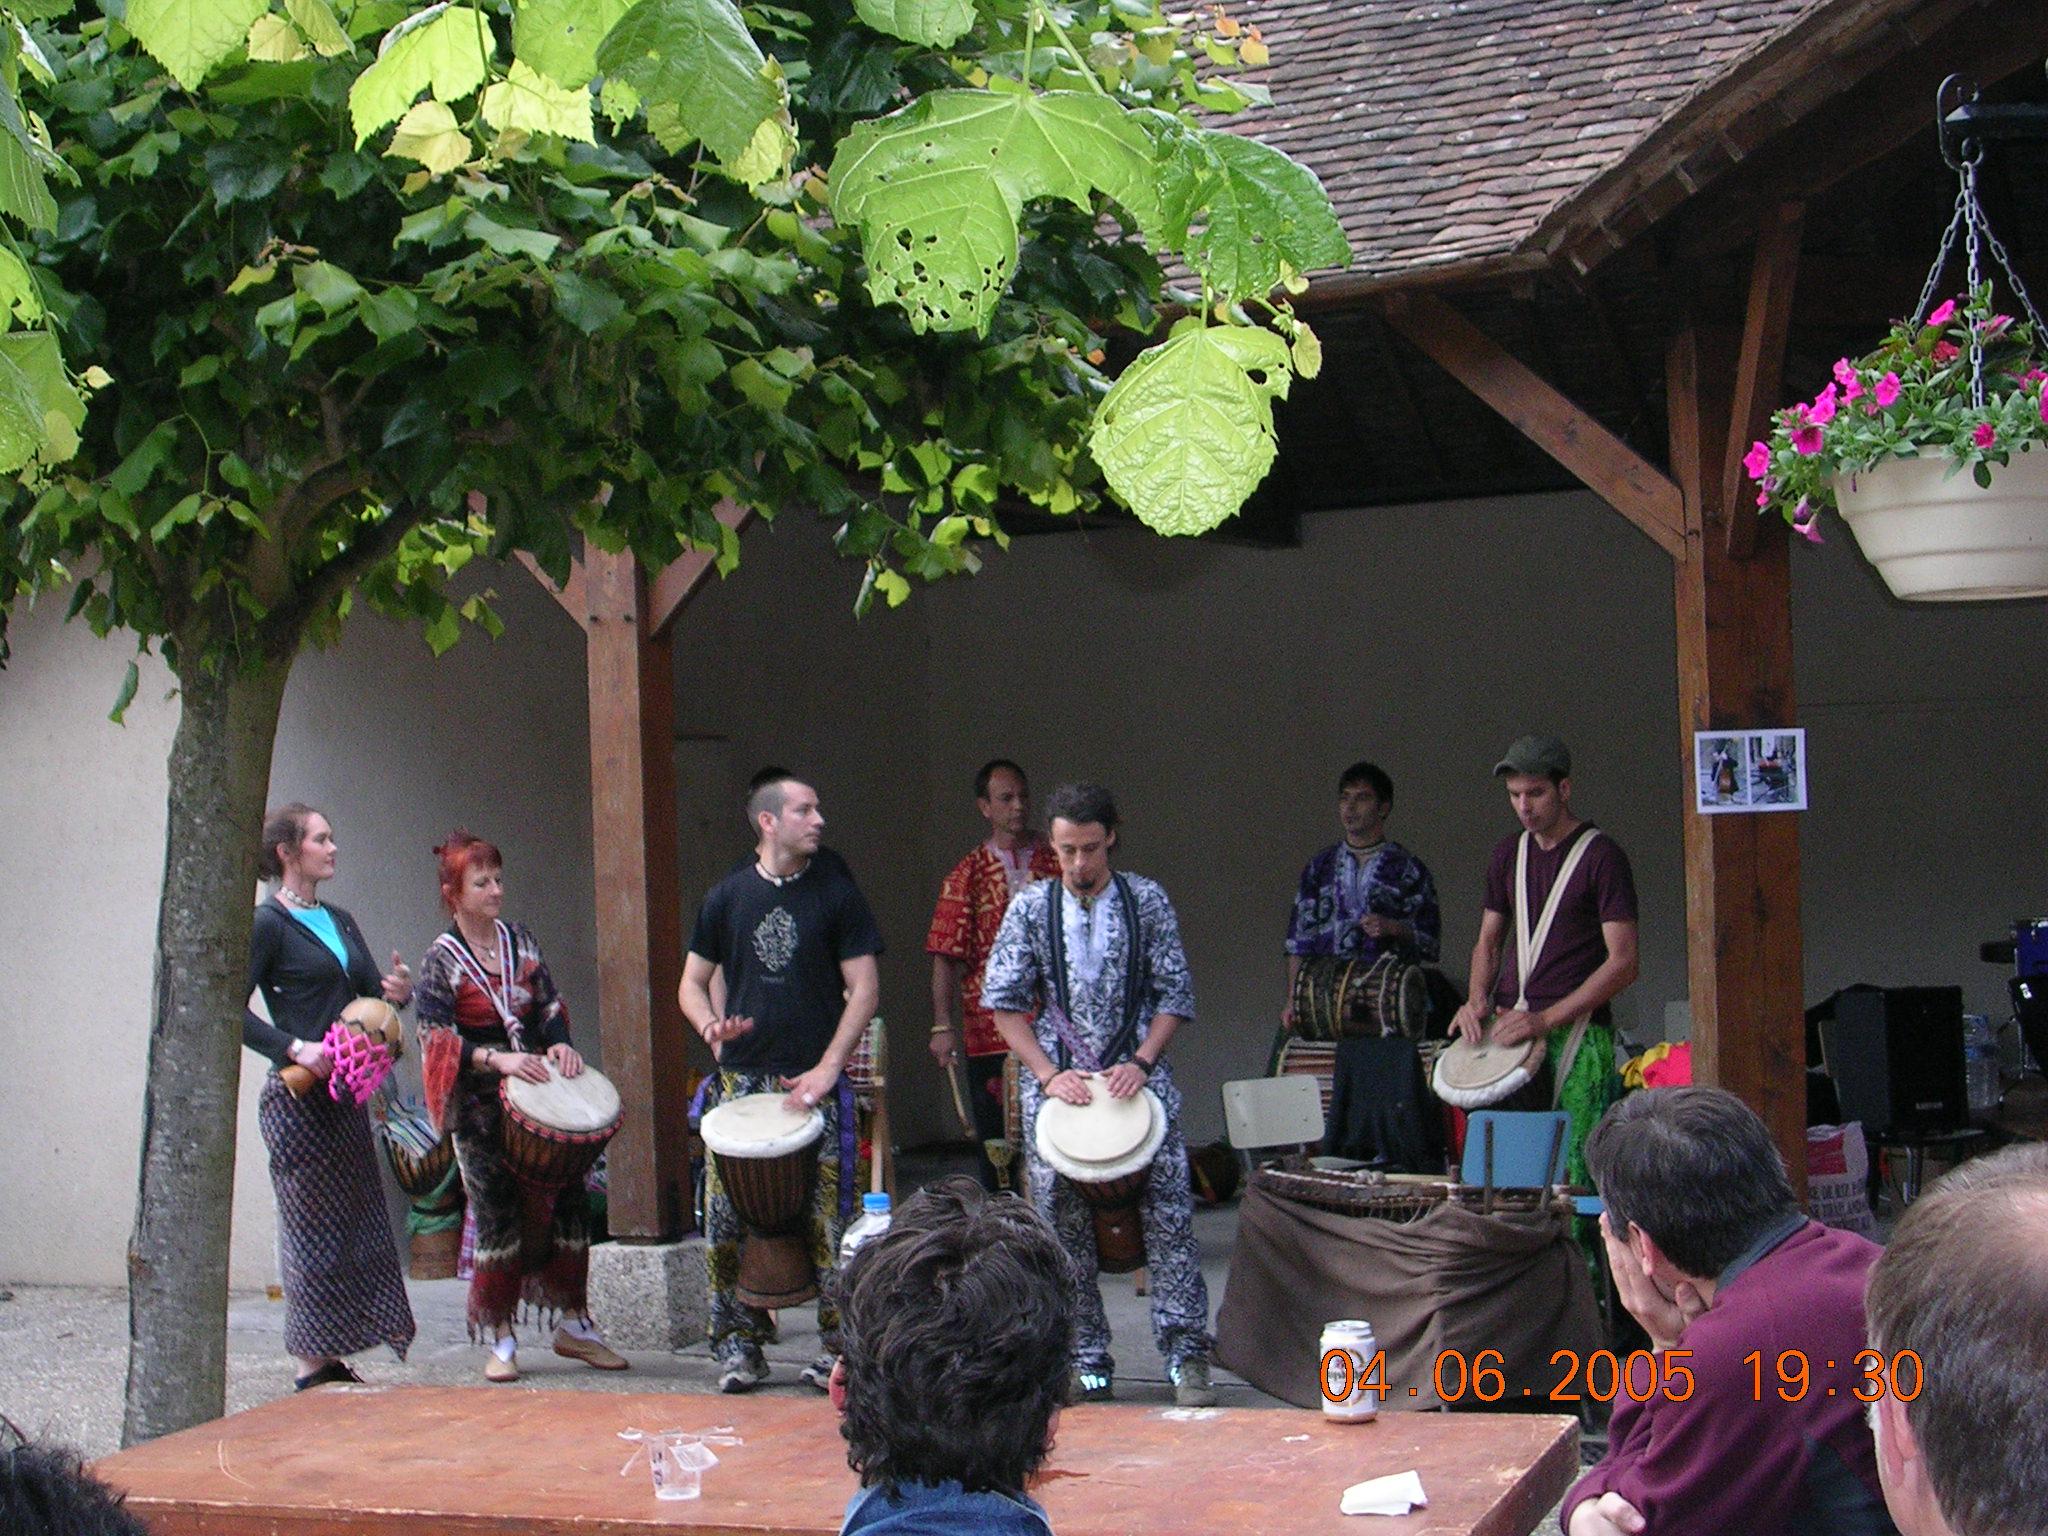 World Fest Music 2005 juin 2005 Chateau Landon